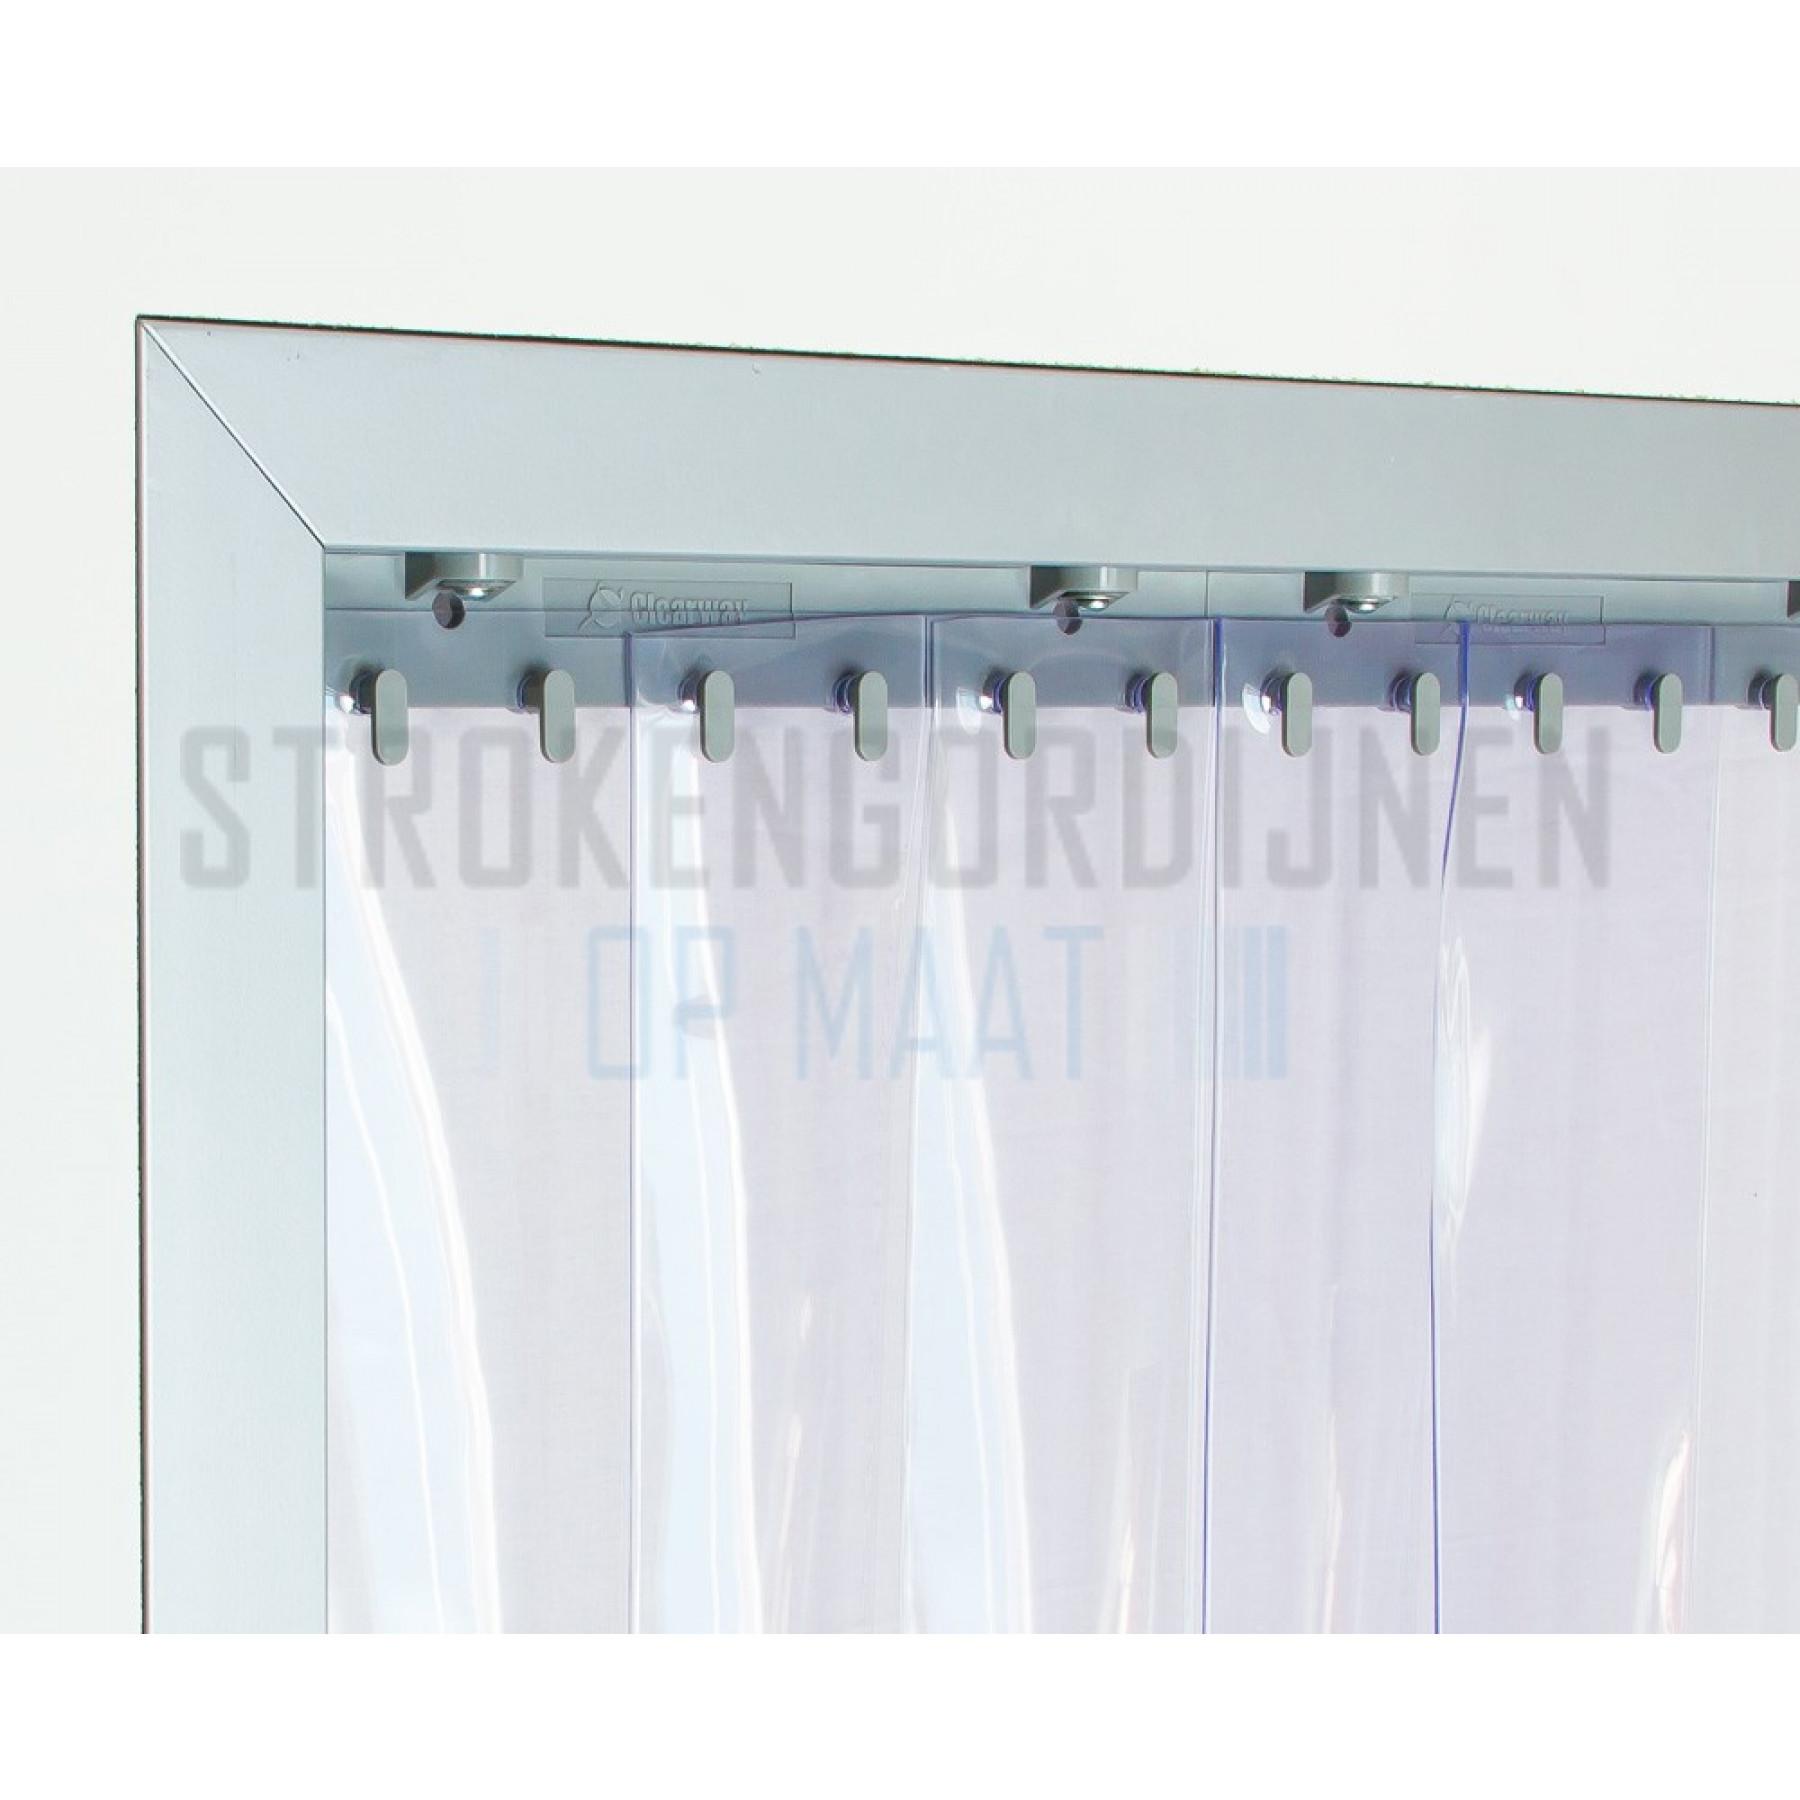 PVC Streifen zur Renovierung, 200mm breit, 2mm dick, Super Tiefkühlraum Qualität, transparent